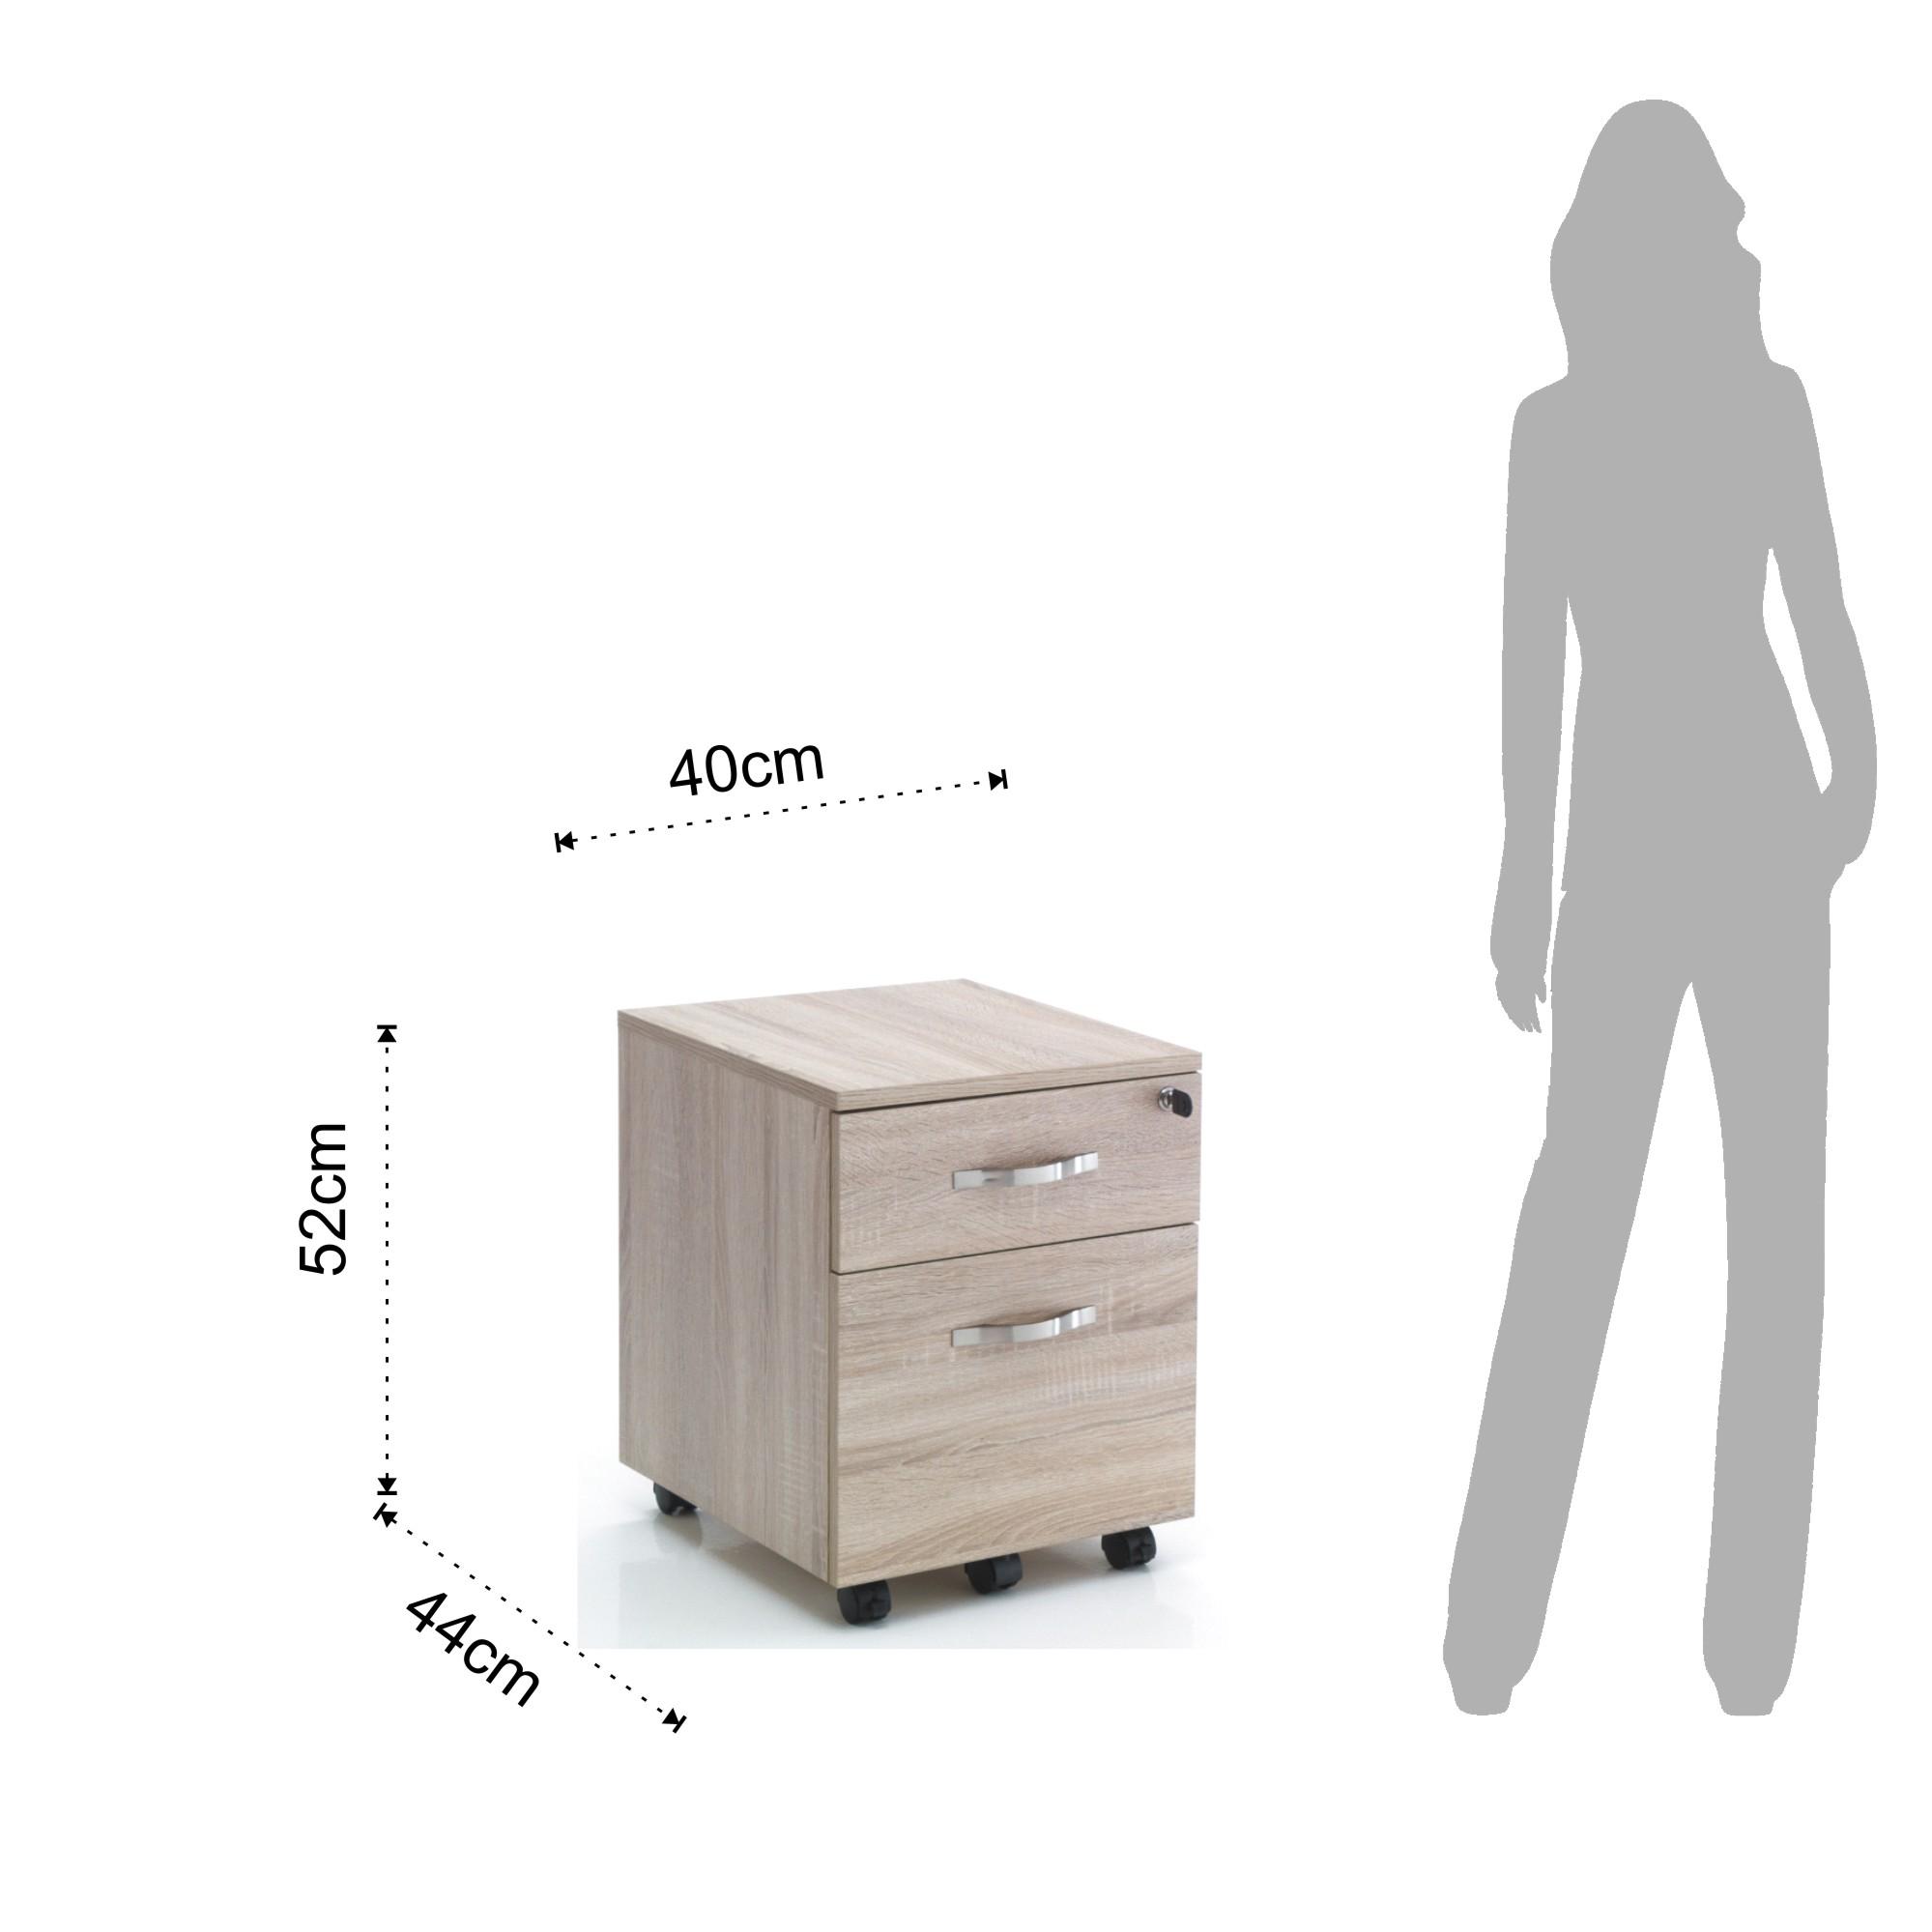 Mobili ufficio cassettiera con ruote set up - Mobili con ruote ...